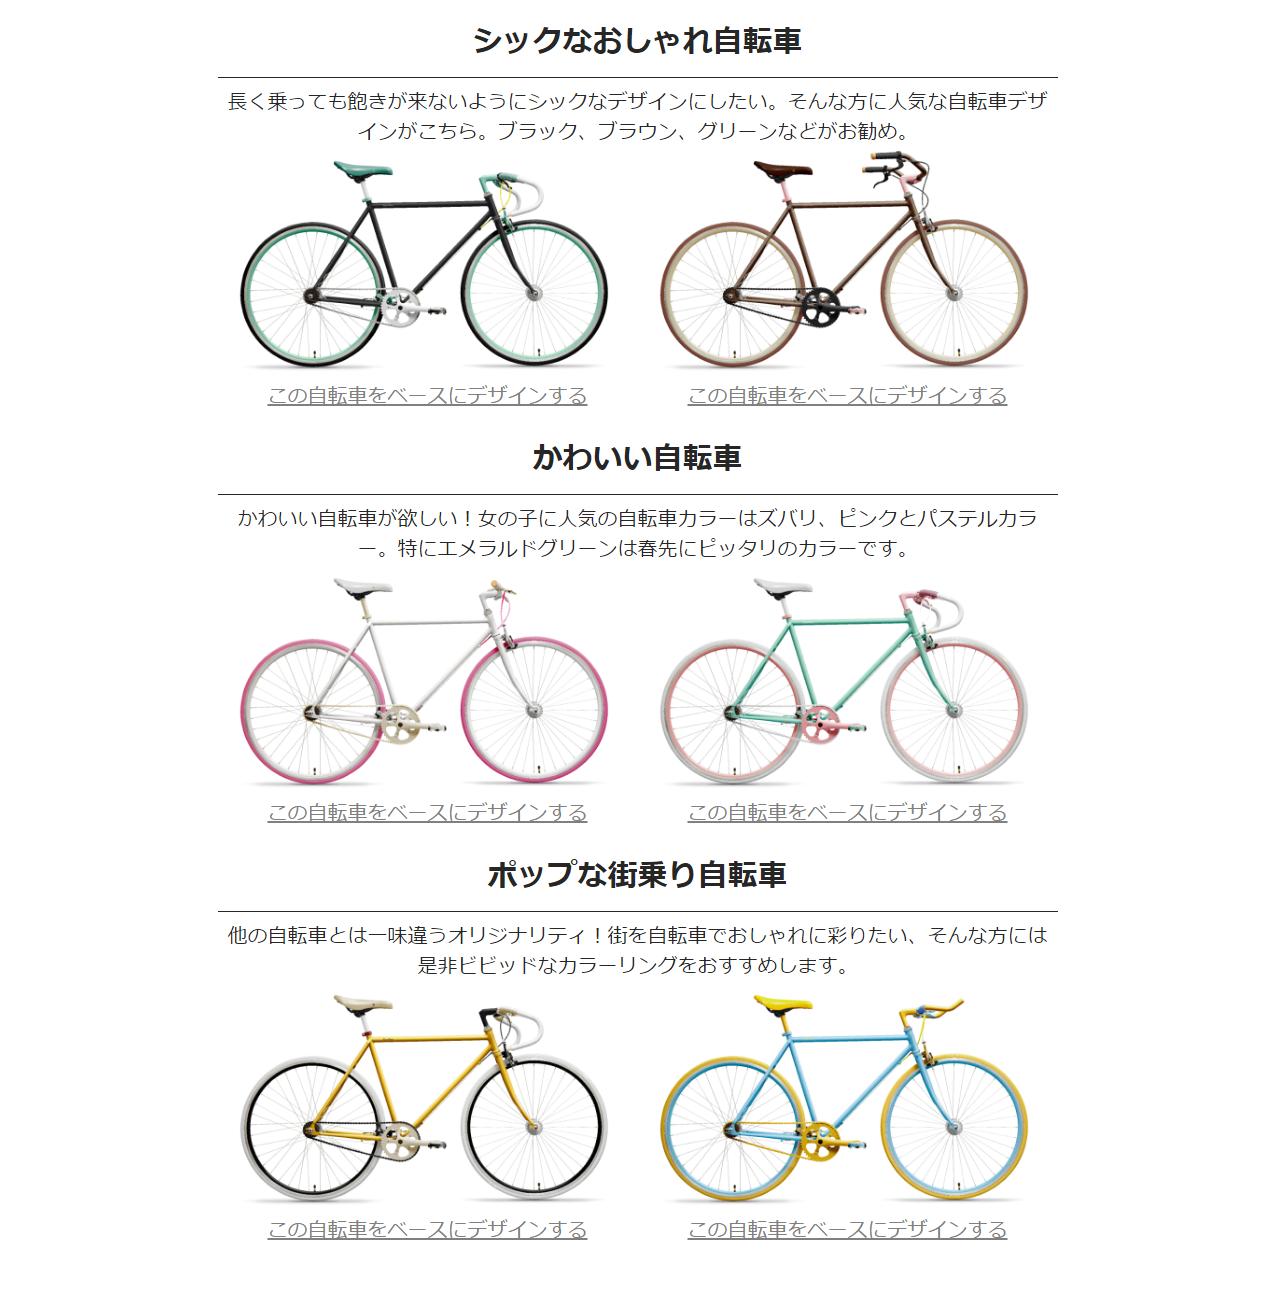 秦野市の自転車の返礼品はクロスバイクにもなる